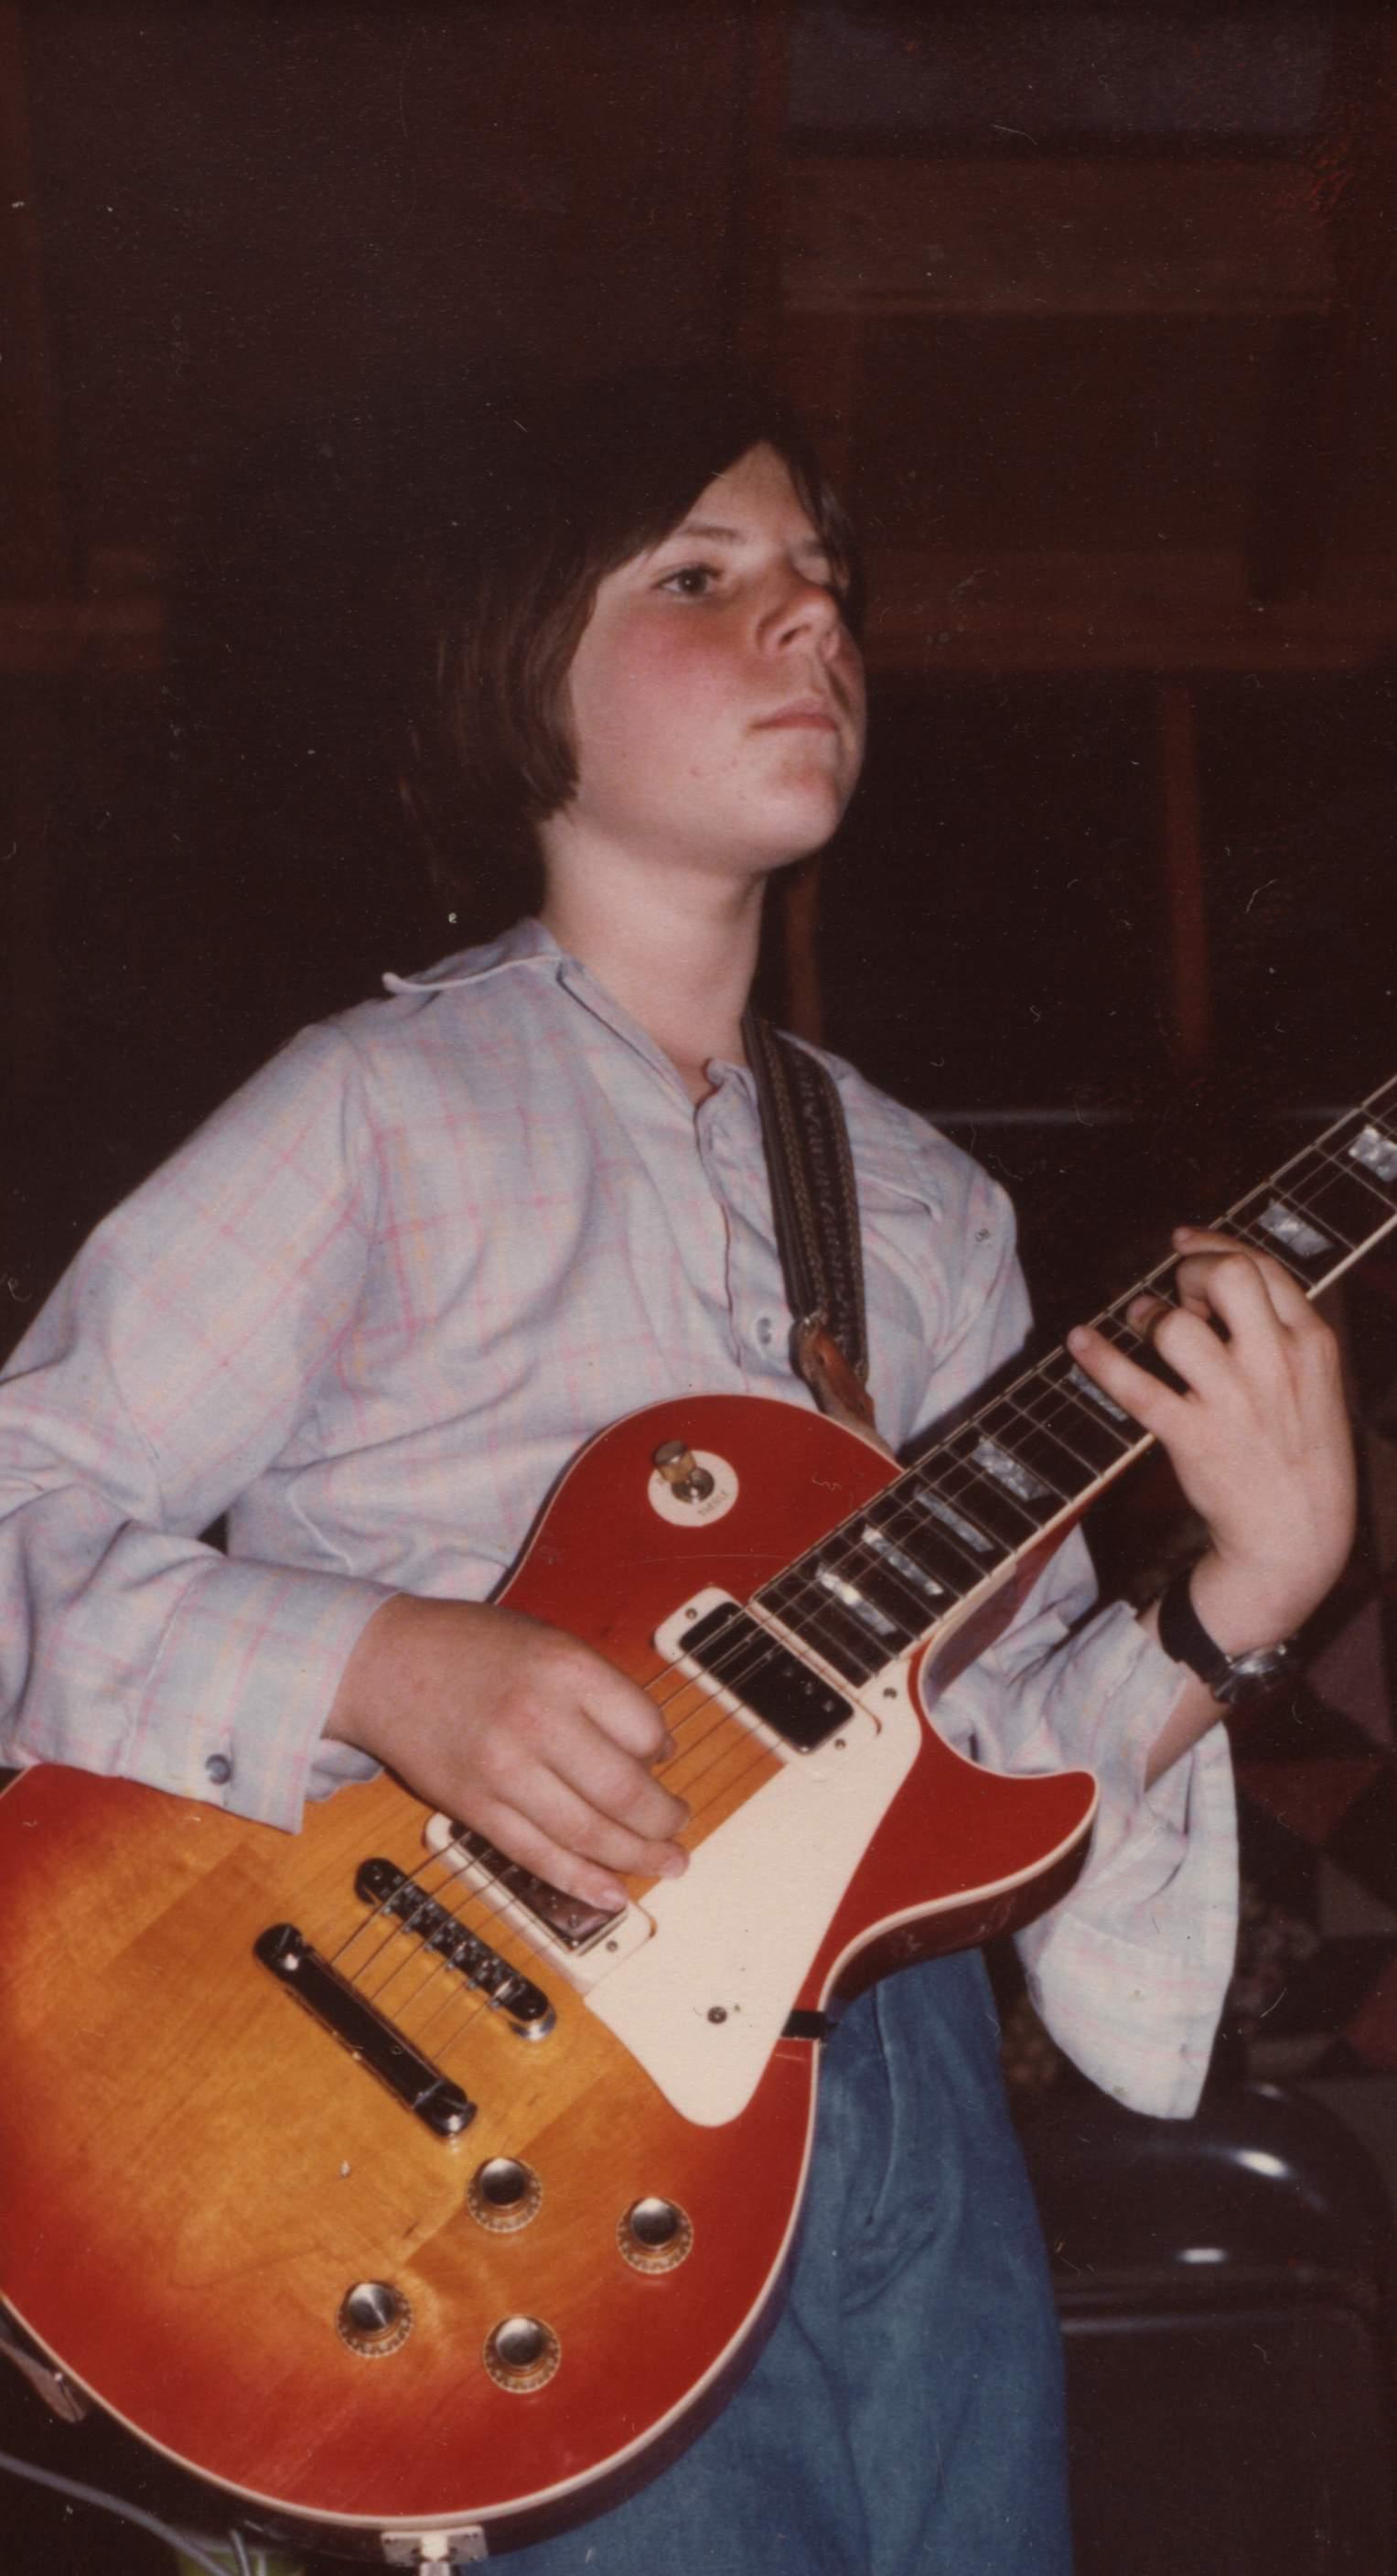 Ray Sayre Thirteen Years Old, Muir Beach, California, playing 'Mr. Magic'